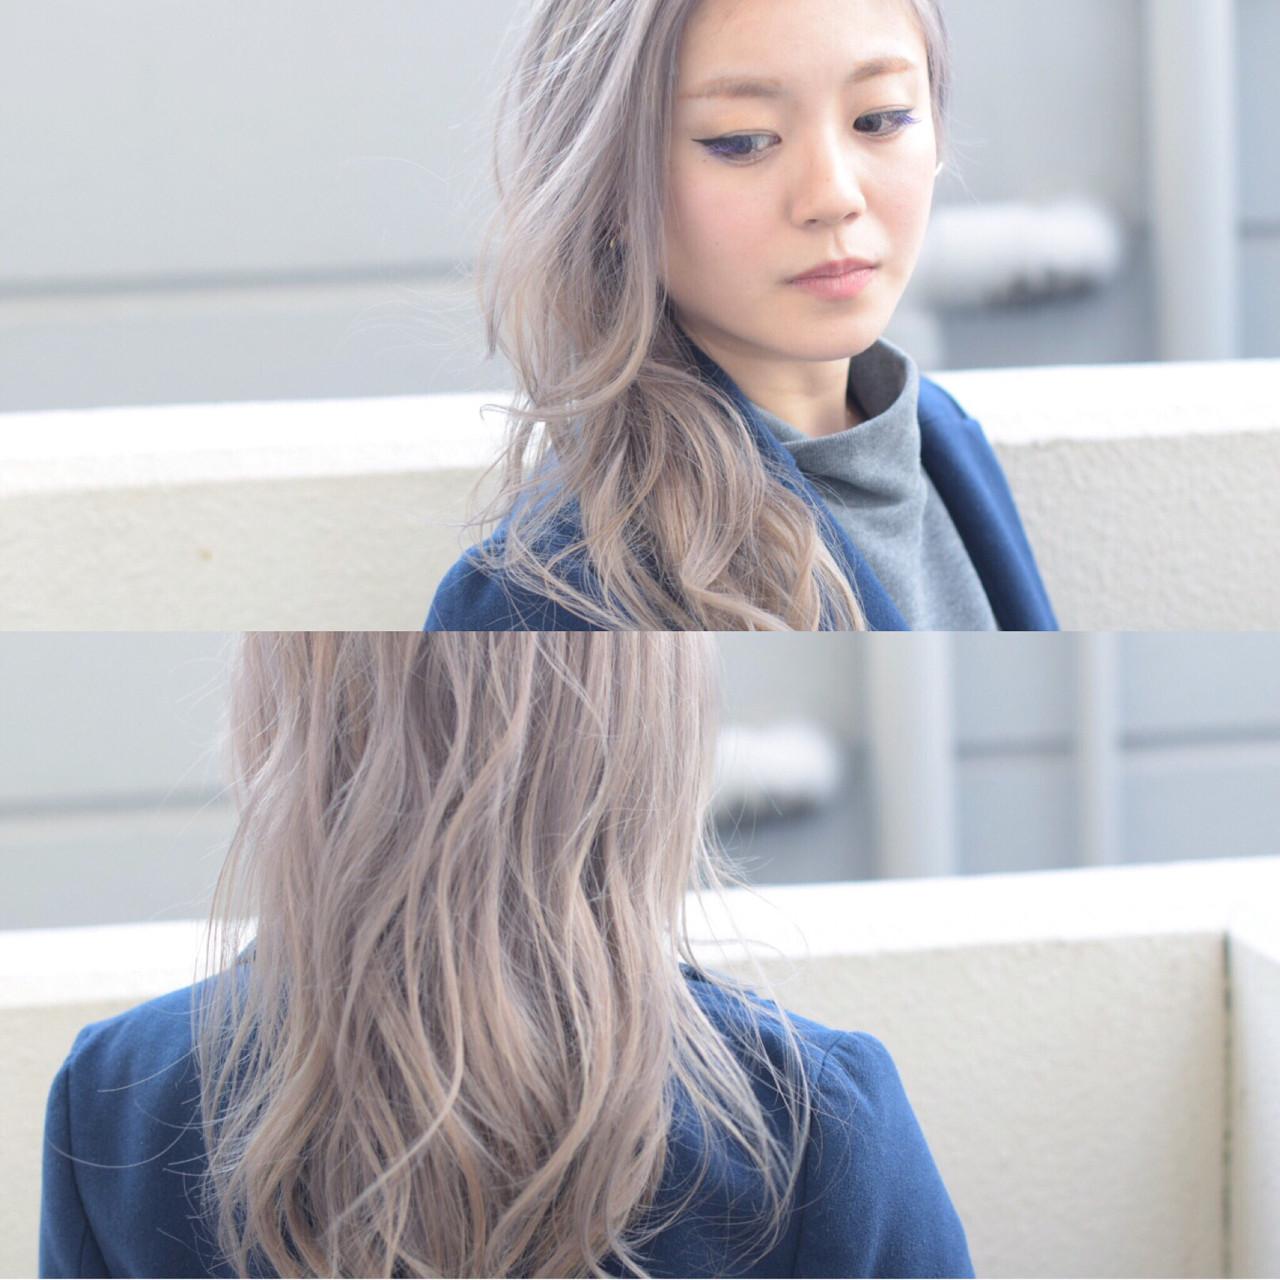 旬ヘアカラーなら外国人風「ホワイトアッシュ」♪ブリーチなしOKな髪色♡ 谷本 隆寛